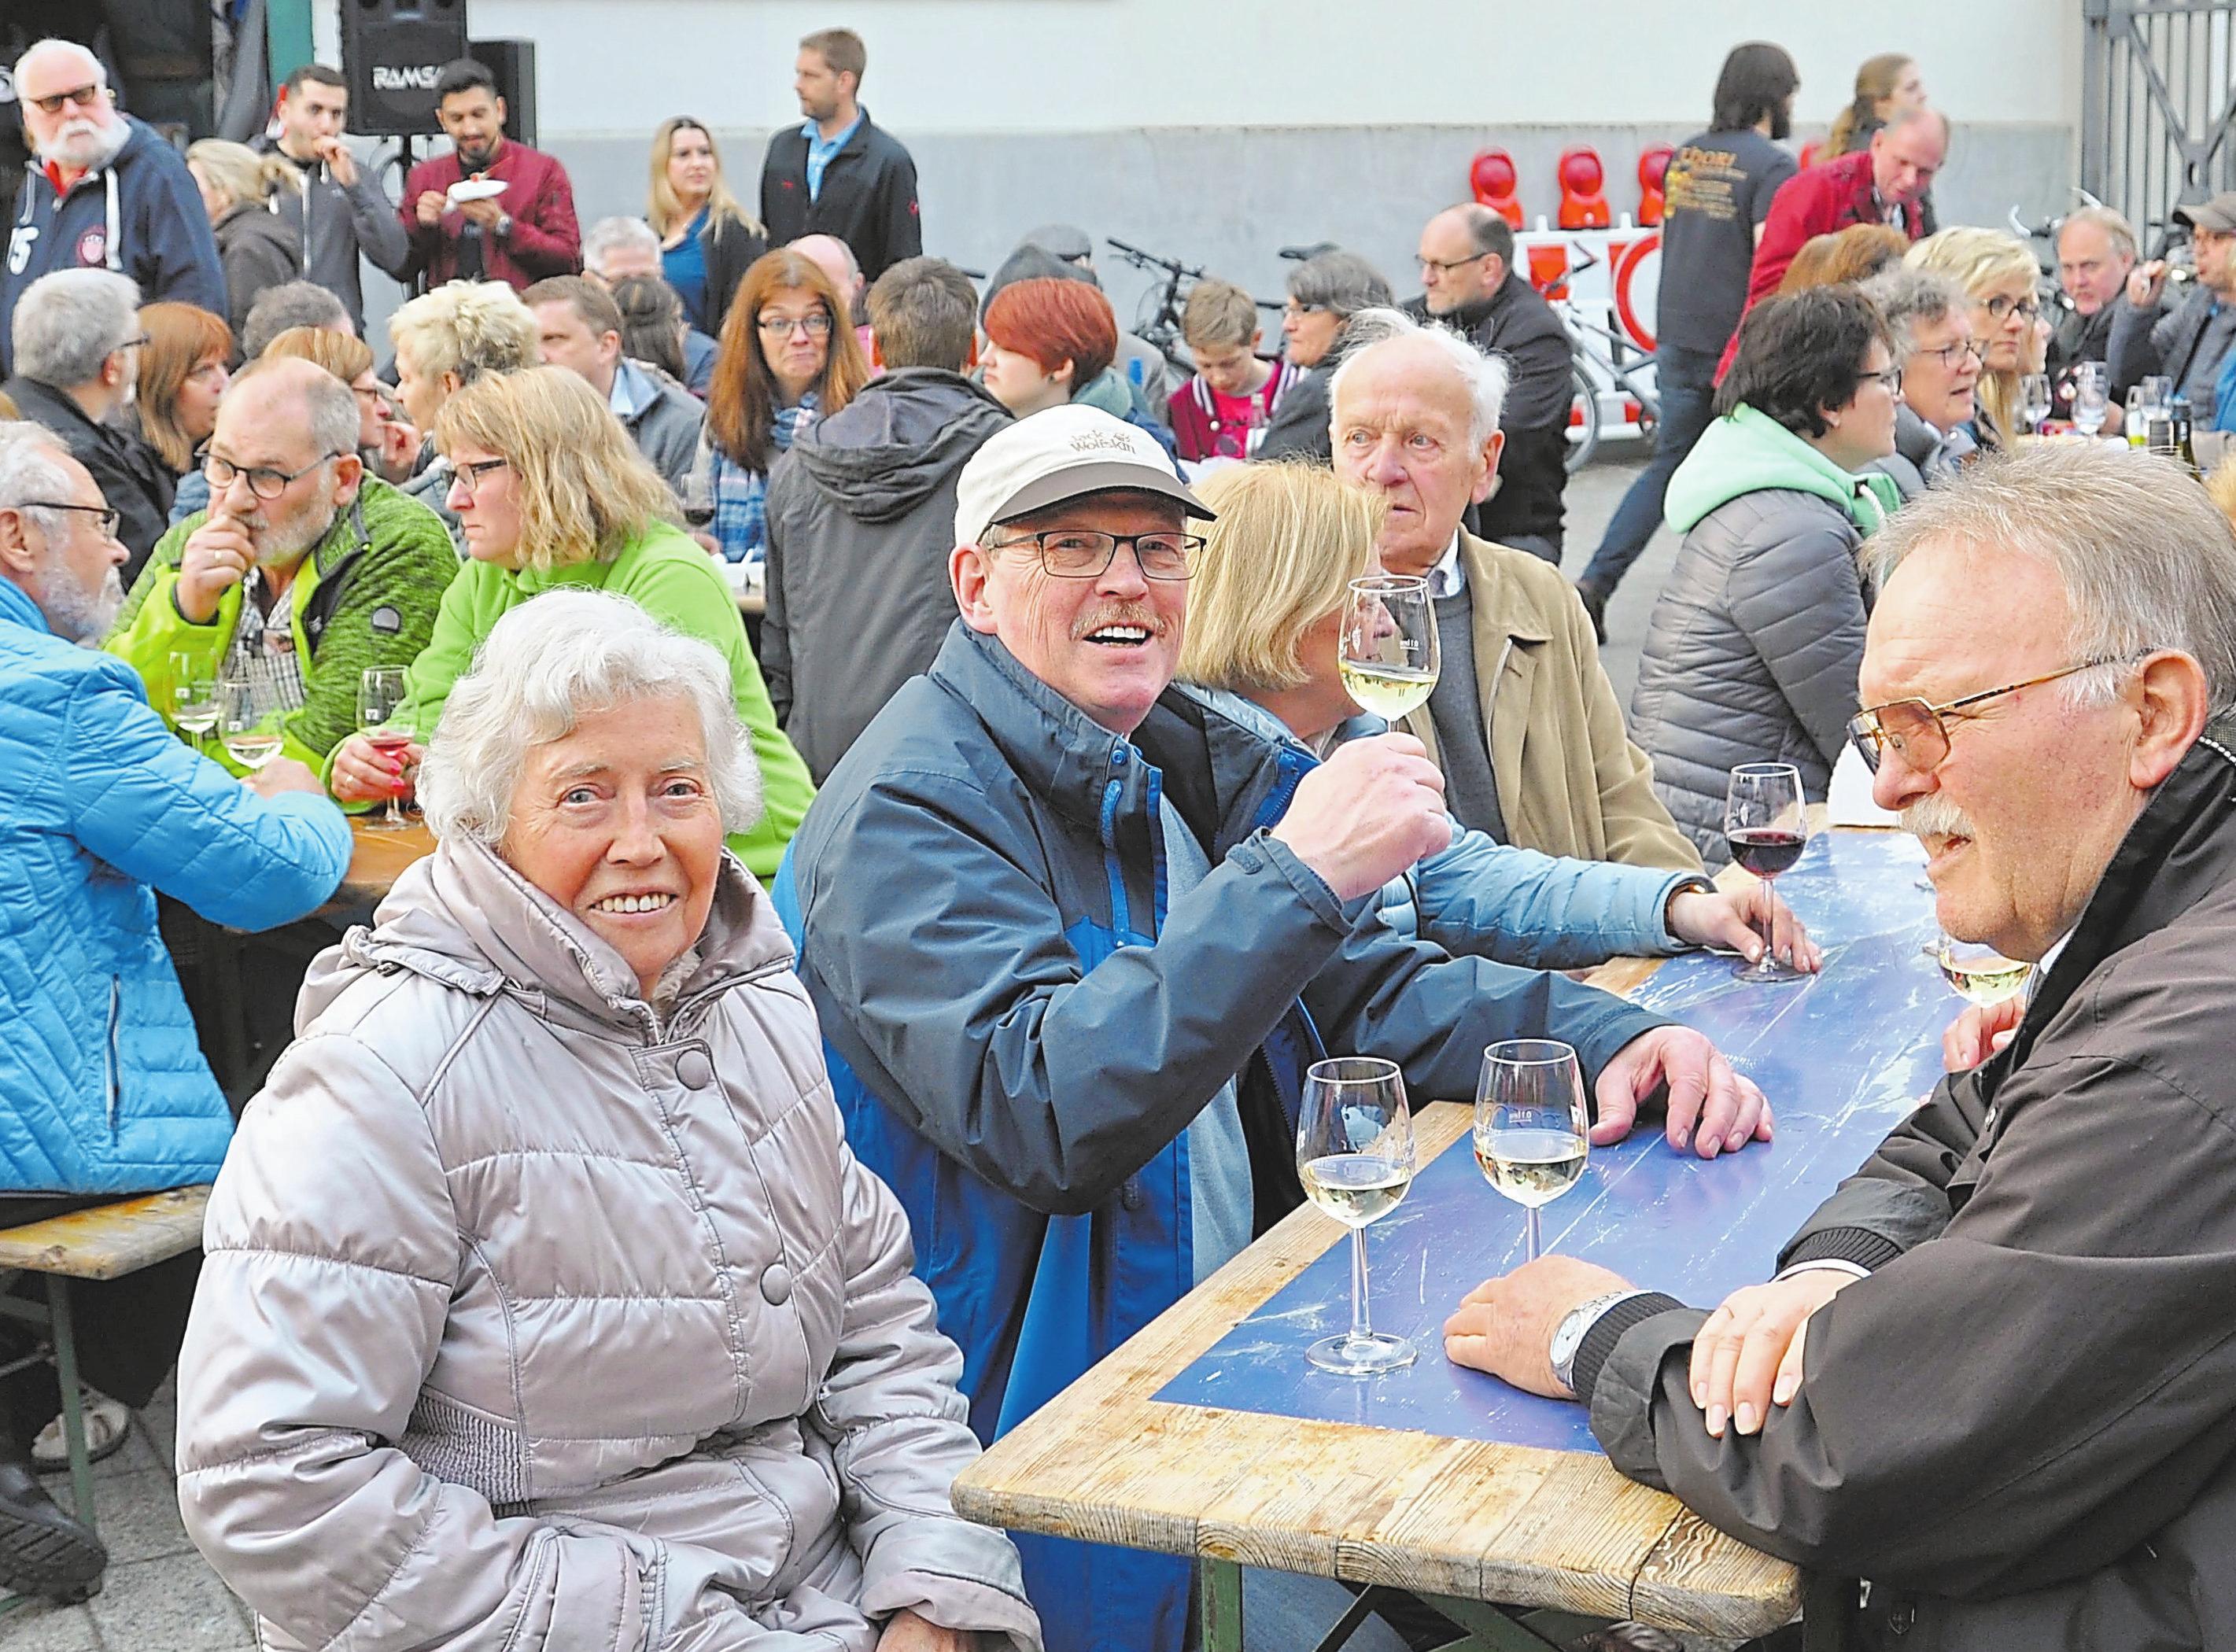 Ein Gläschen Wein, ein heißer Flammkuchen oder leckeres Stück Käse: Diese Kombination hat das Weindorf längt zu einem Besuchermagneten gemacht. Foto: Mareike Stratmann